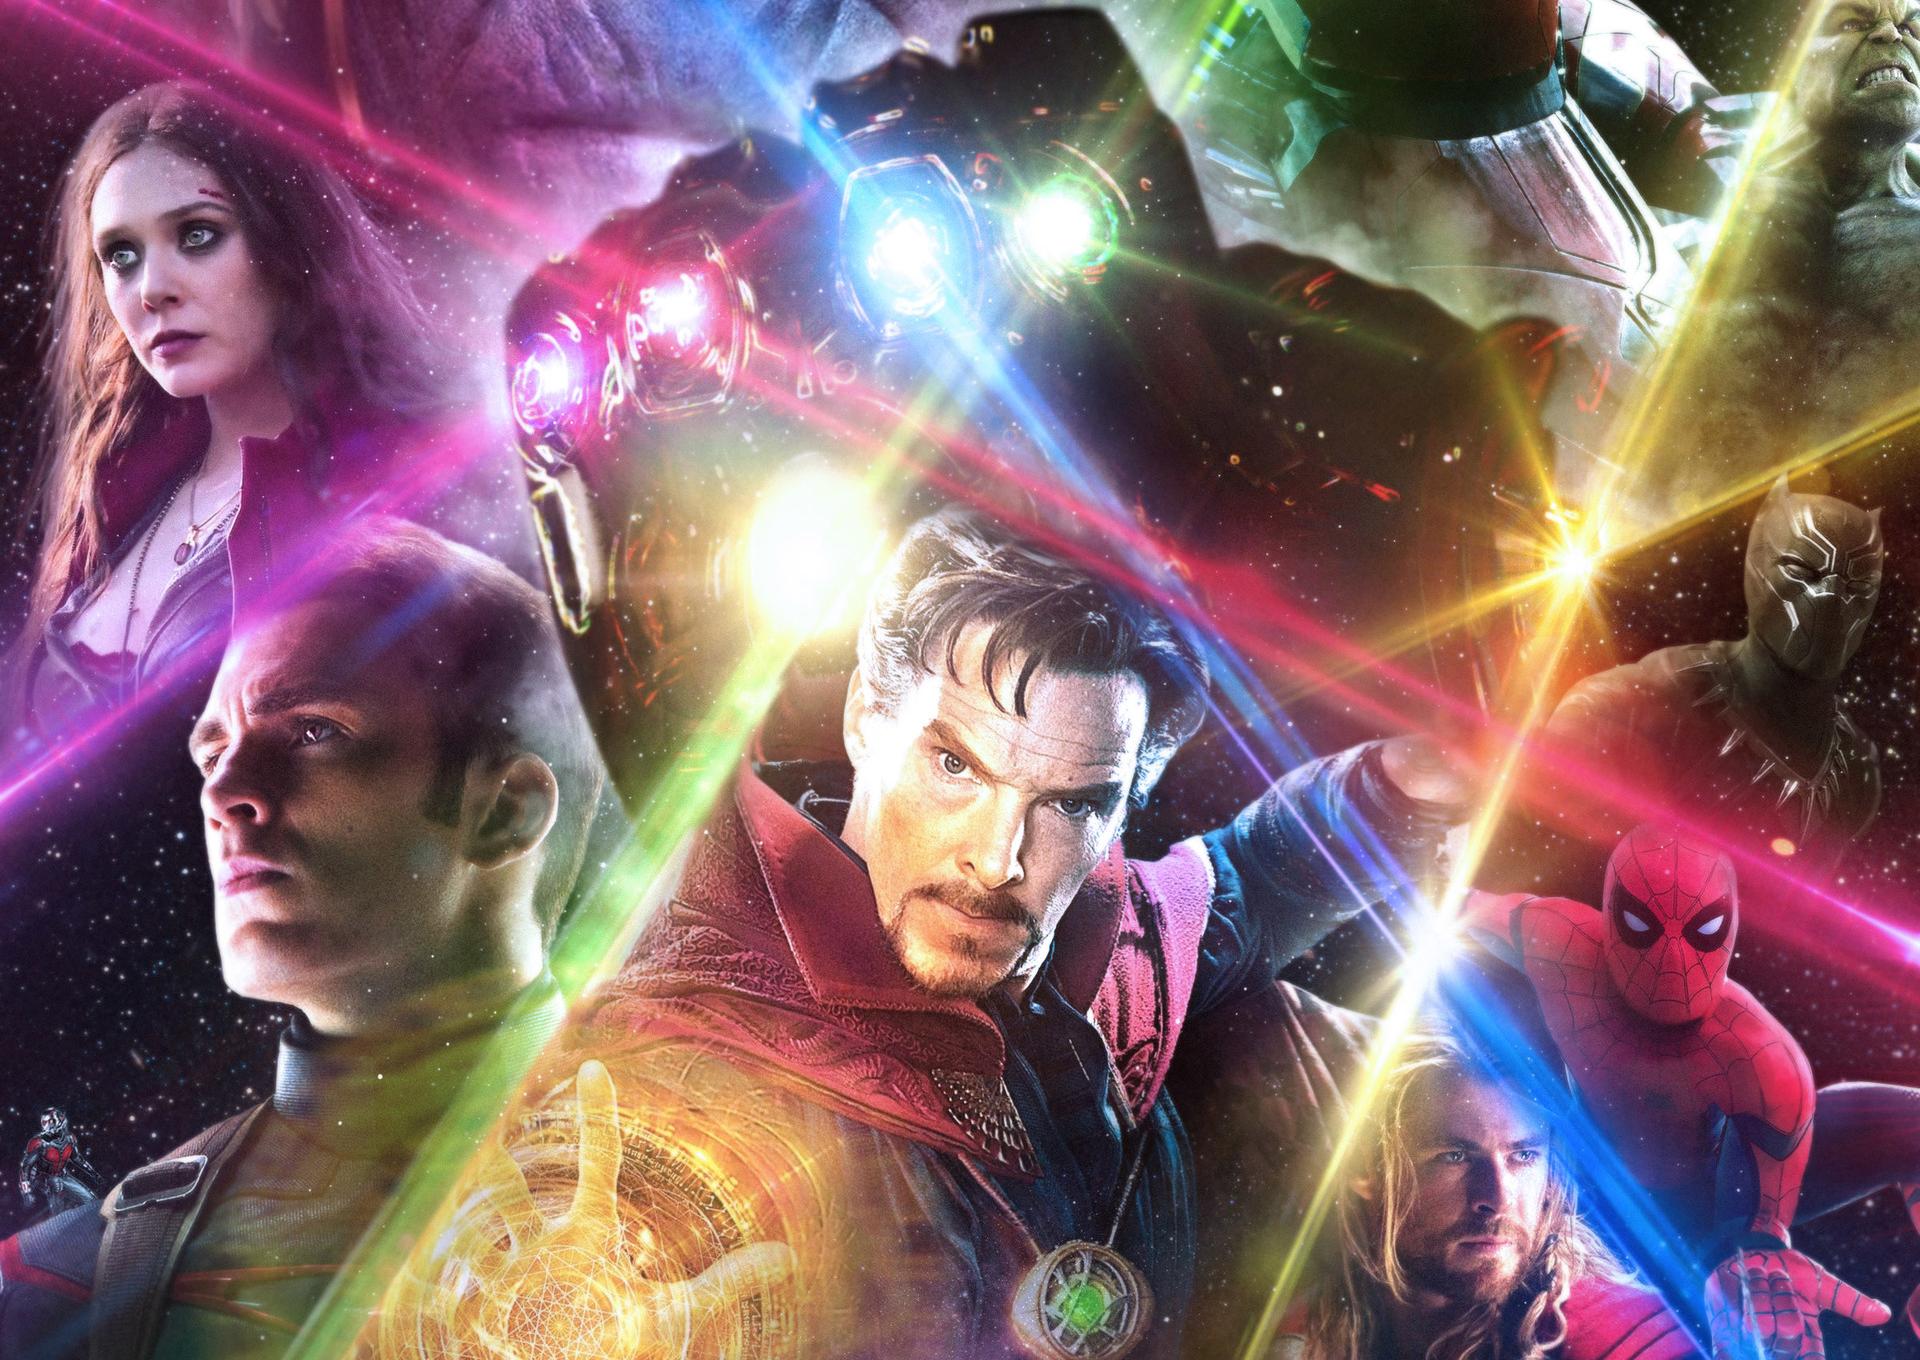 1280x2120 Avengers Infinity War 2018 Fan Artwork IPhone 6